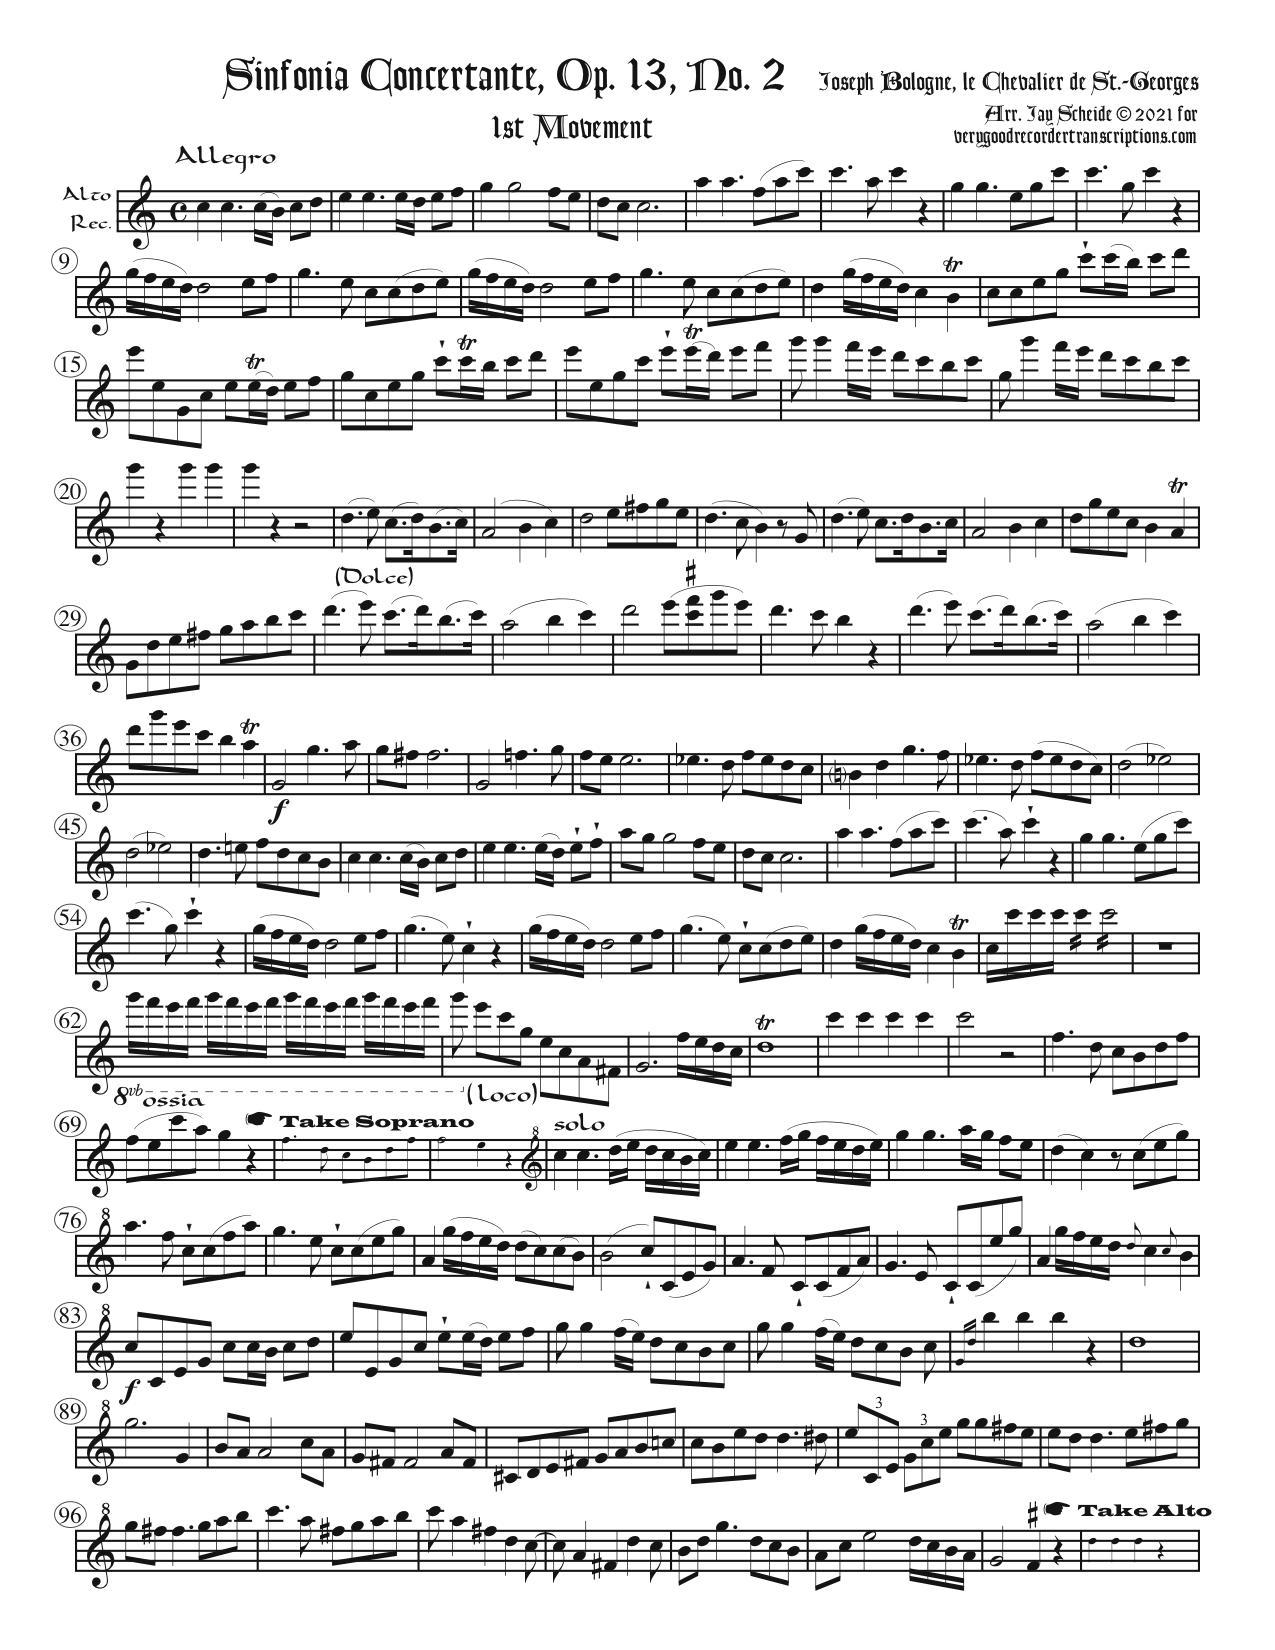 Symphonie Concertante, Op. 13, No. 2